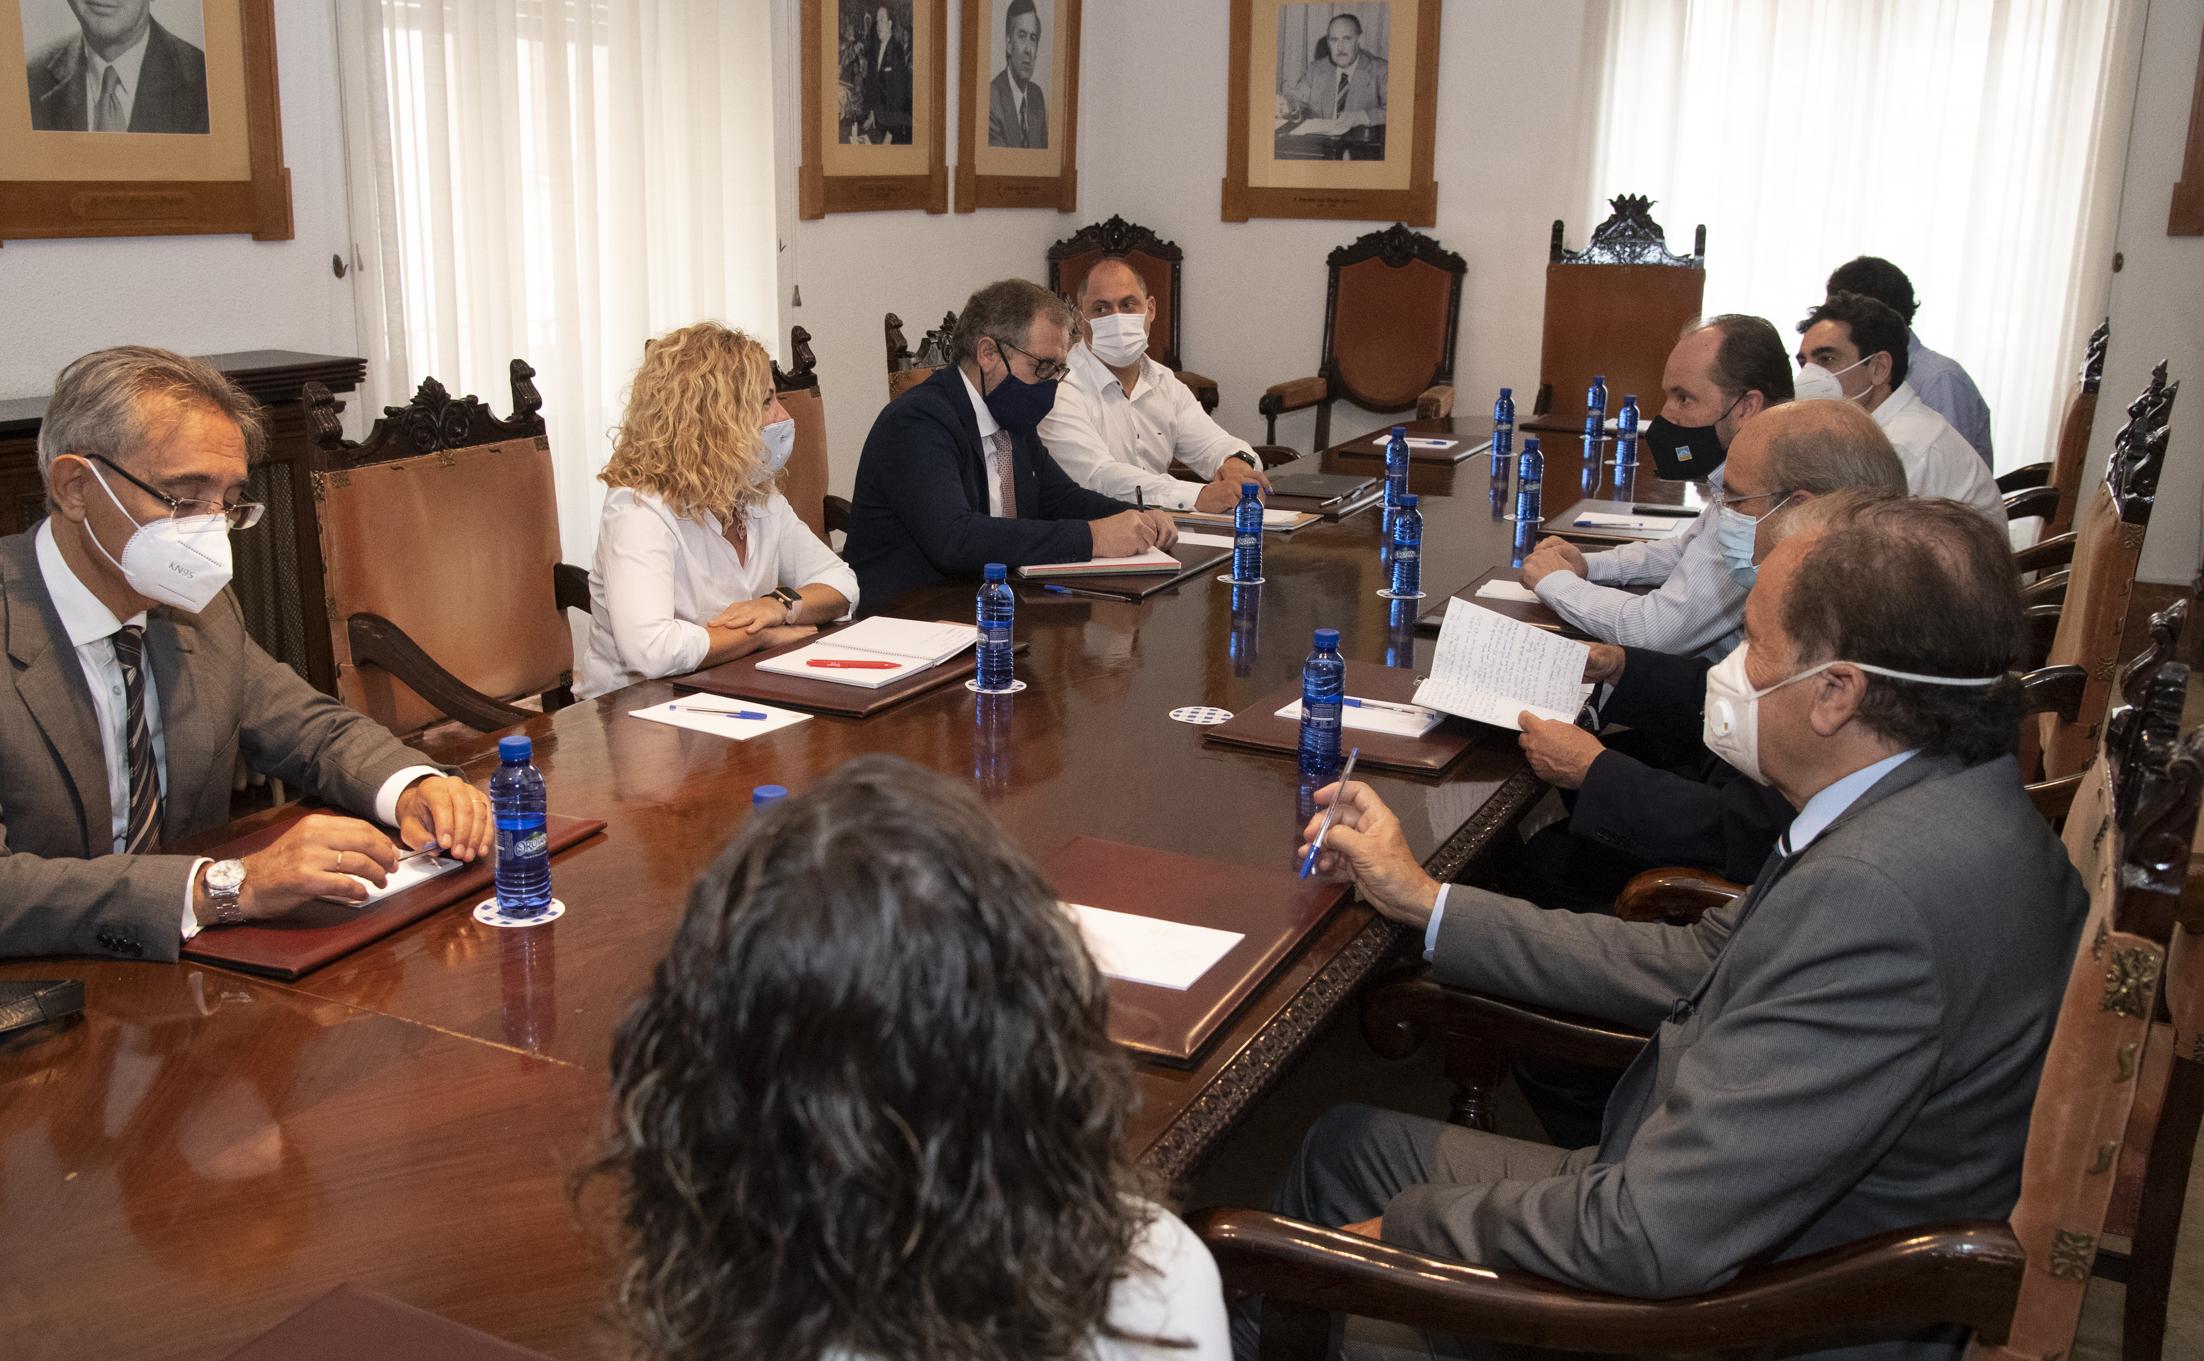 La Diputación de Castellón muestra su disposición a debatir en el Patronato de Turismo las propuestas de Altur Hosbec